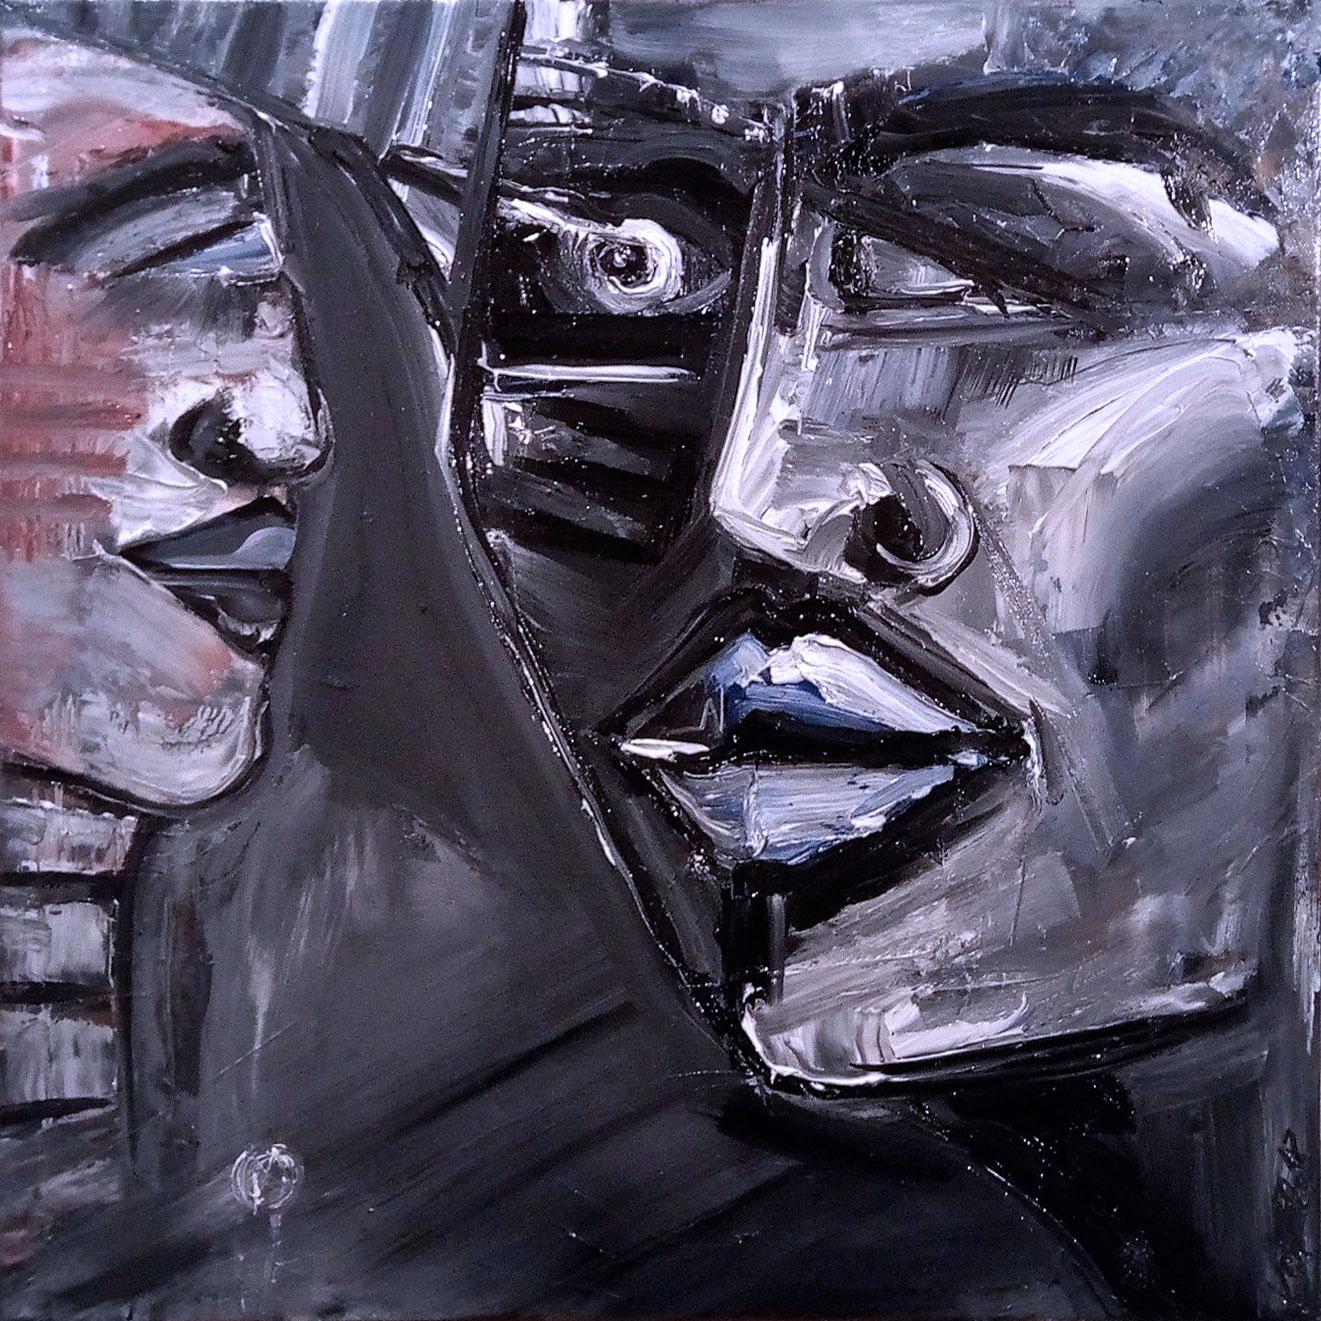 KIM OKURA The Sleep of Reason Produces Monsters Carved in Stone, Kim Okura 2018 oil on canvas, framed